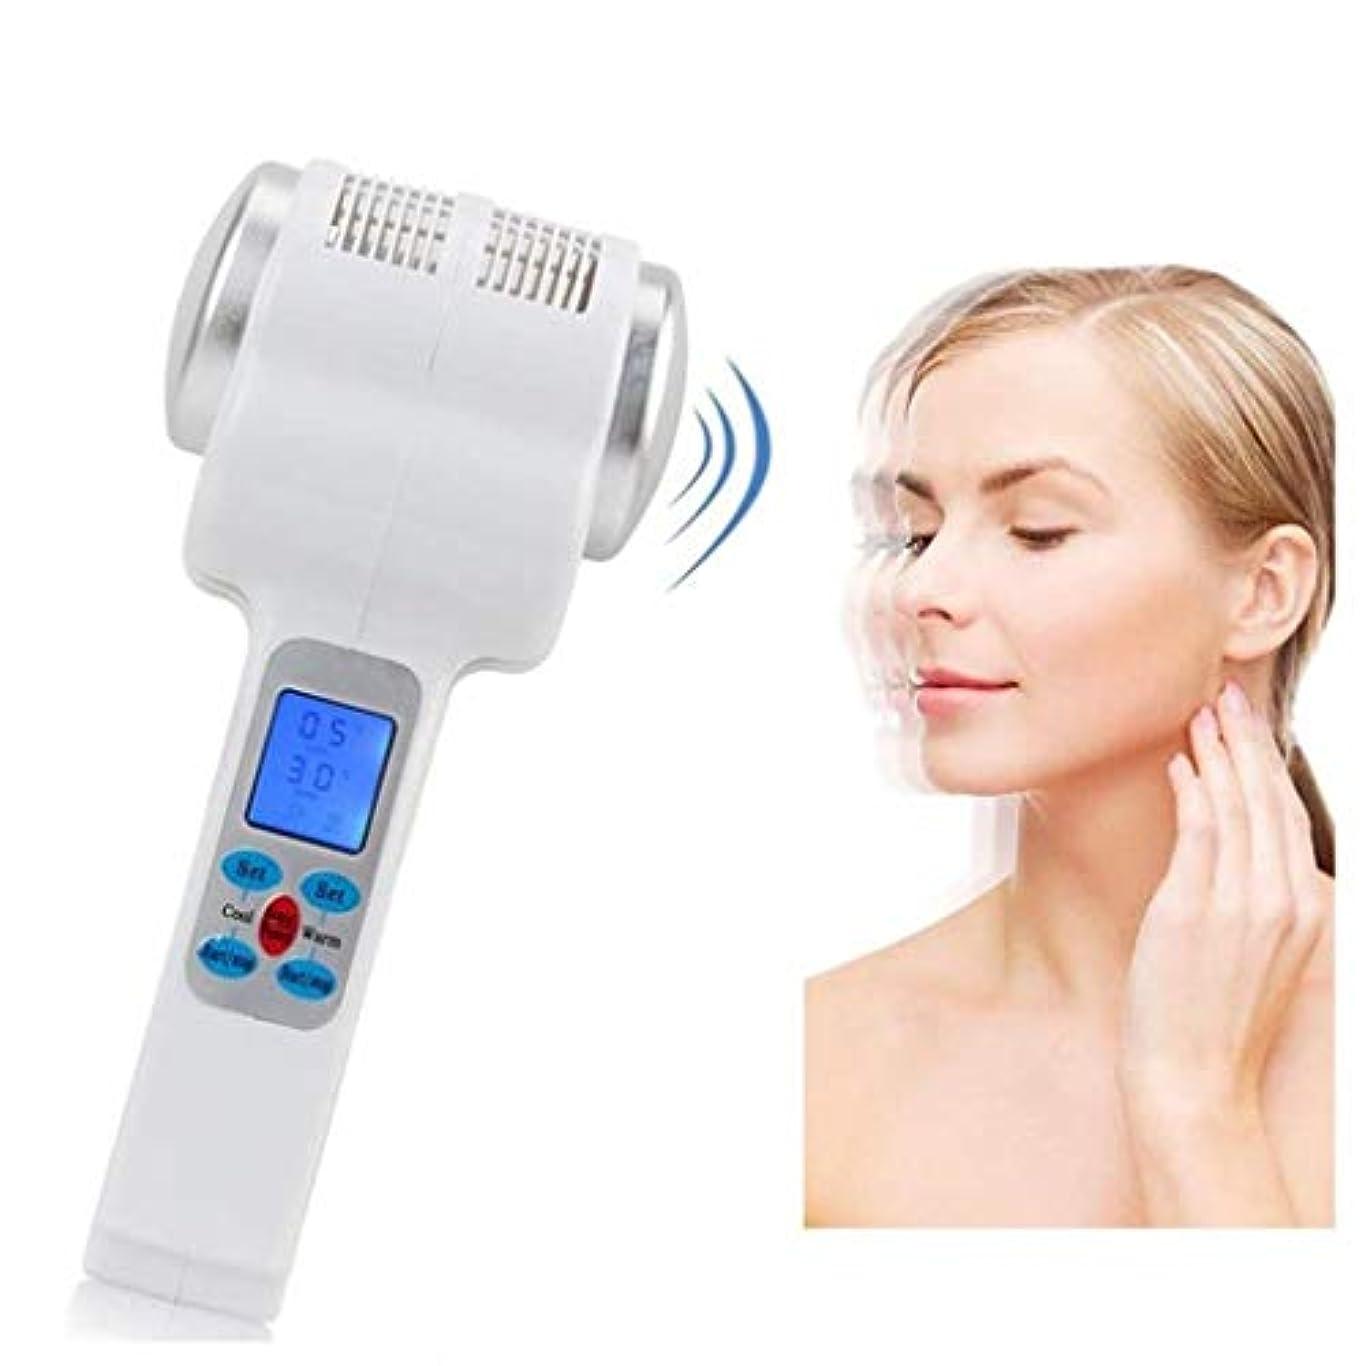 ボット肉腫有害美容器具、顔の振動マッサージ、ホット凍結療法、リフティングフェイシャルスキンビューティーマシン、肌を引き締めて細い線を改善する